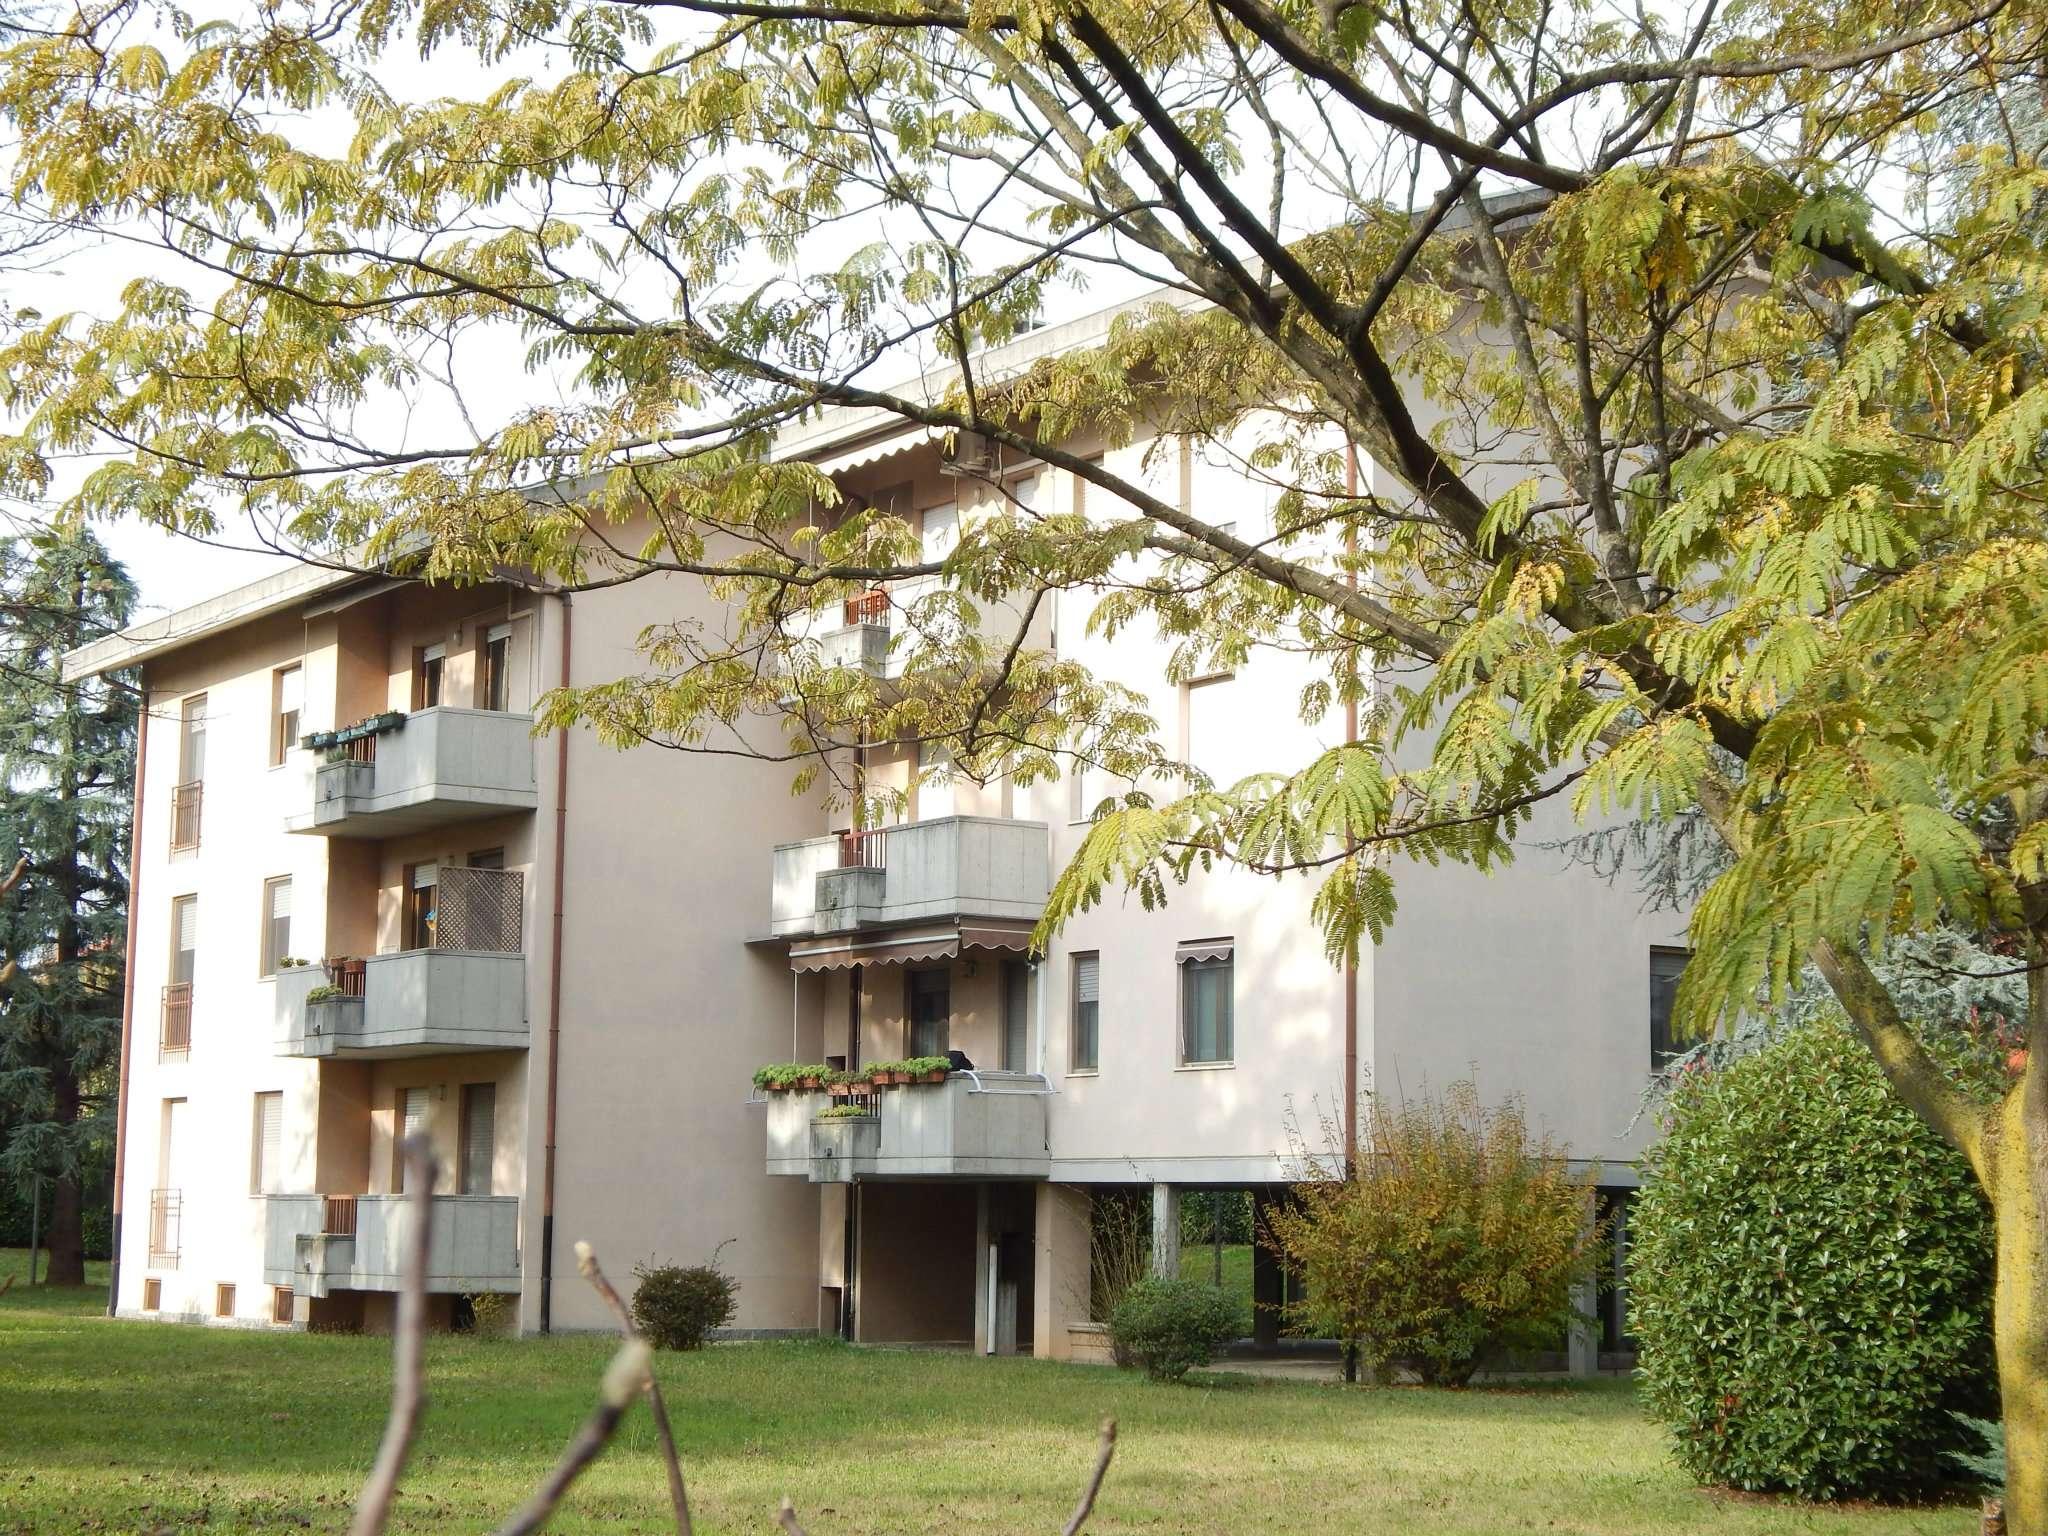 Appartamento in vendita a Treviglio, 4 locali, prezzo € 142.000 | Cambio Casa.it